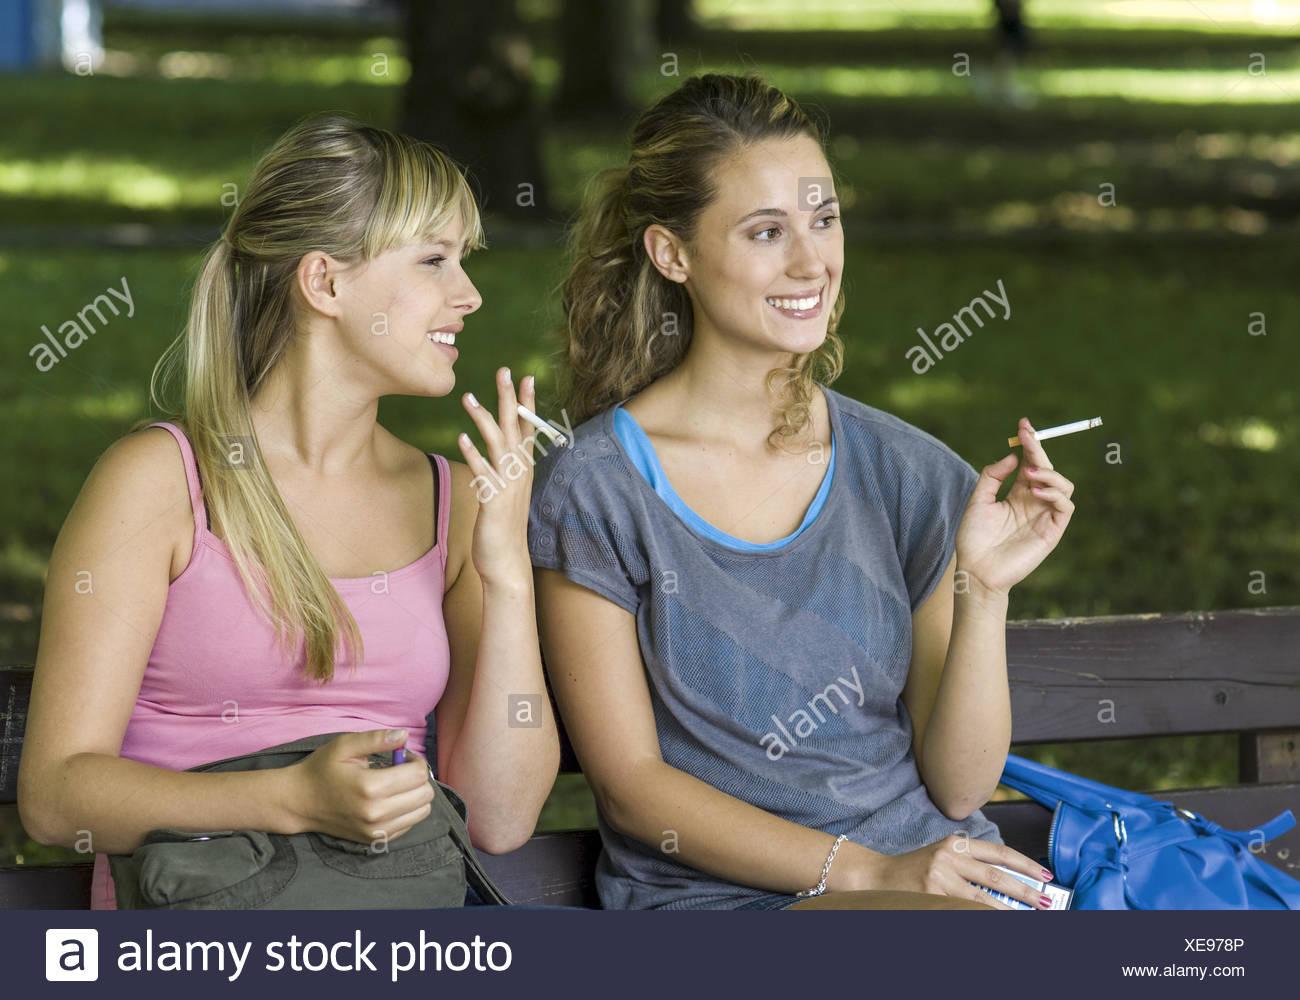 Zwei Teenager-Maedchen rauchen Zigaretten auf Parkbank (model-released) - Stock Image